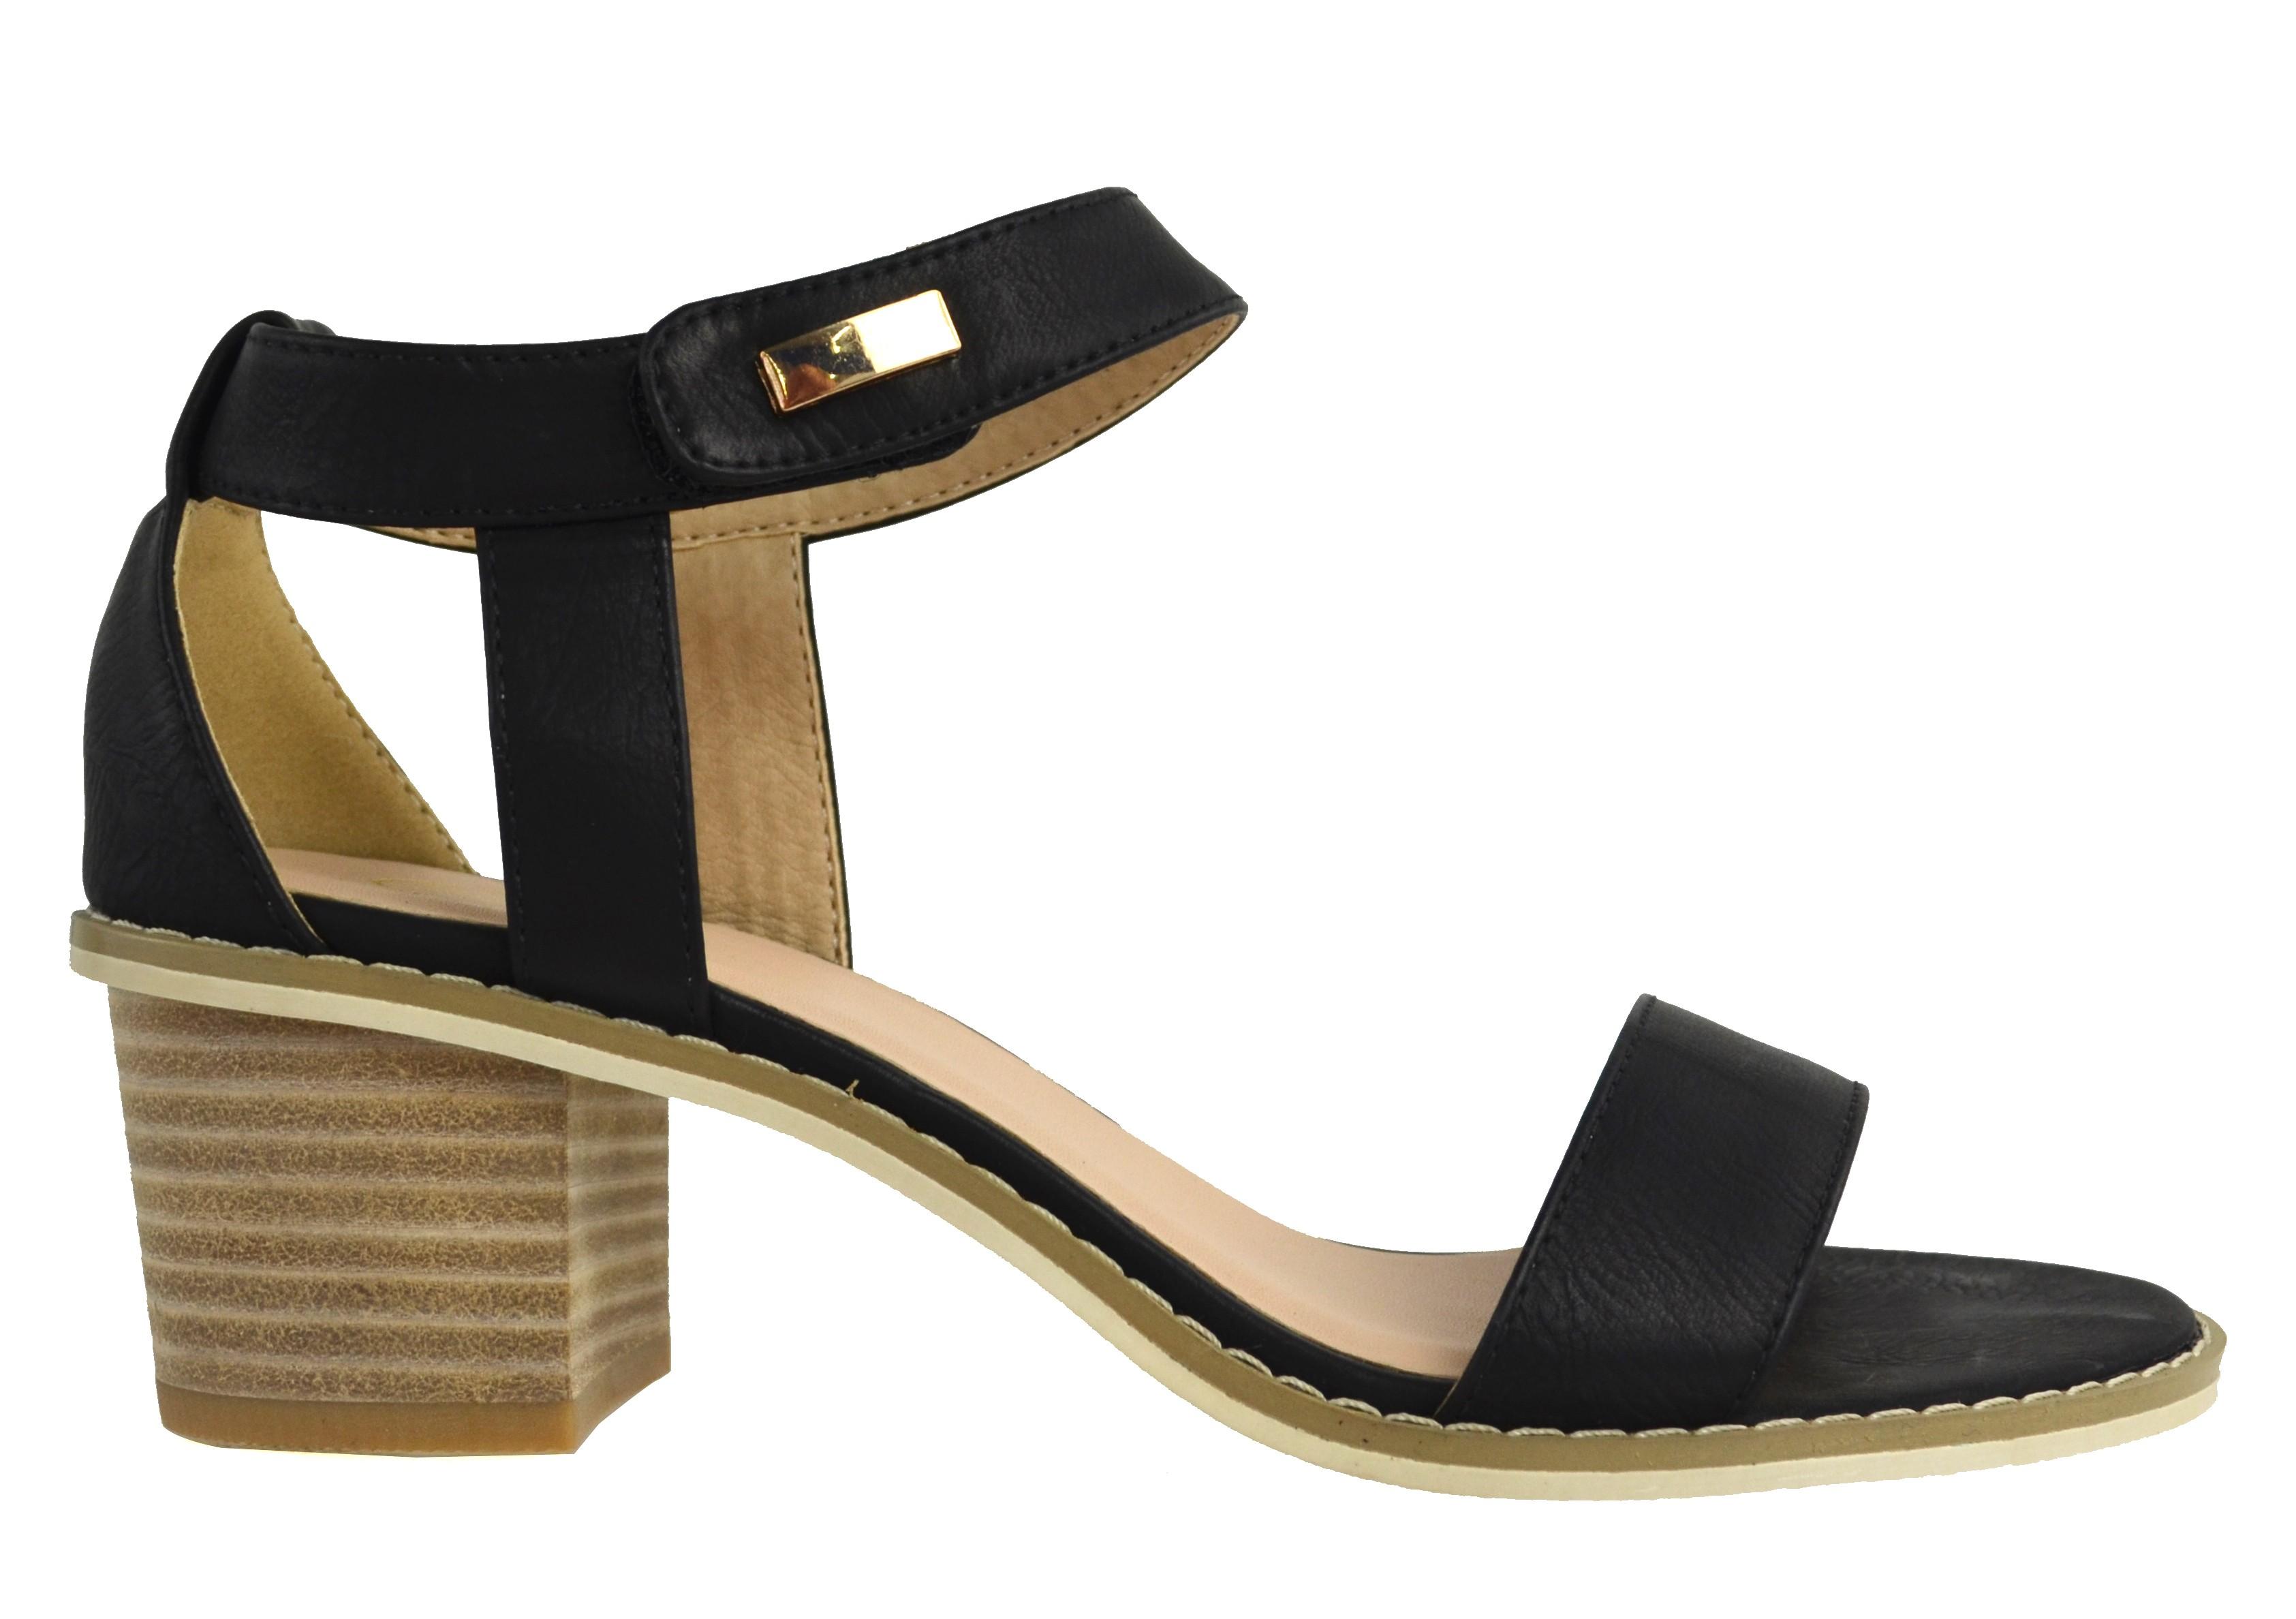 أنواع الأحذية النسائية-حذاء بكعب عريض